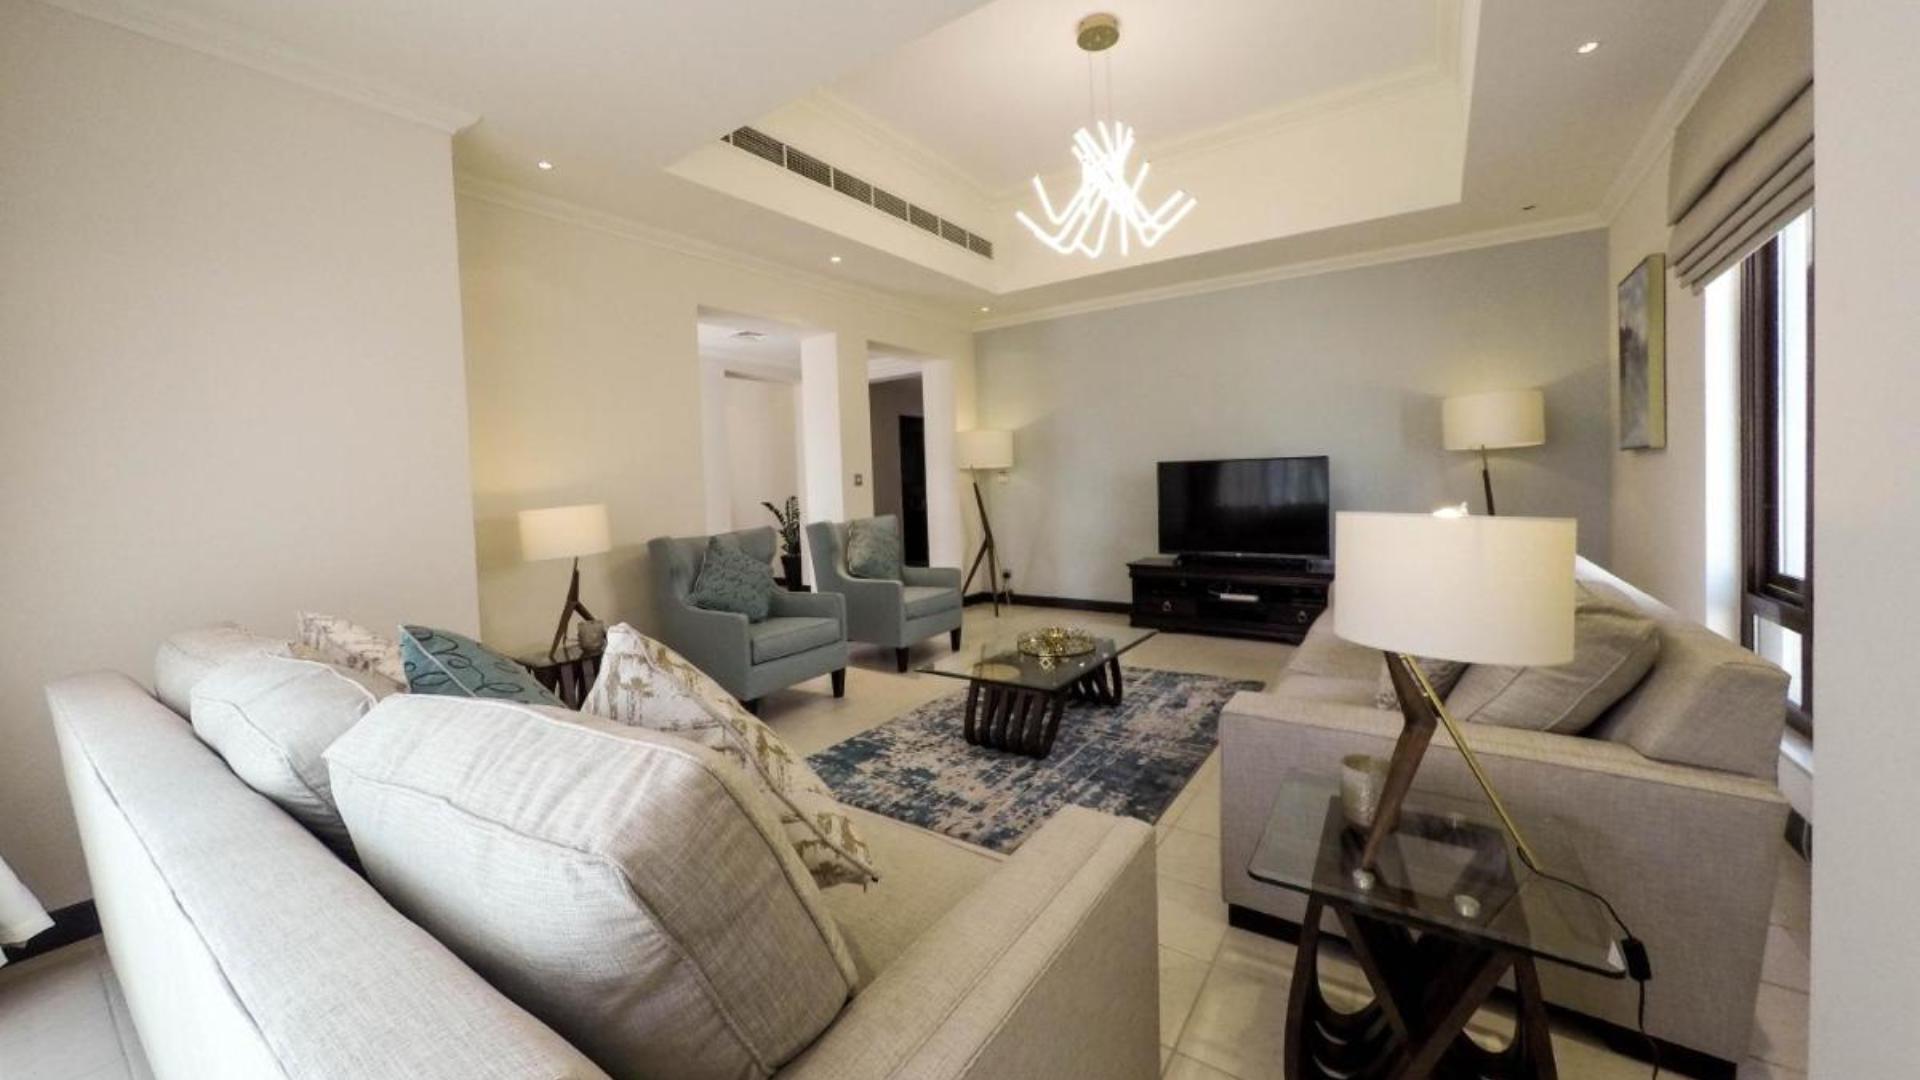 Villa en venta en Dubai, EAU, 3 dormitorios, 272 m2, № 24372 – foto 2